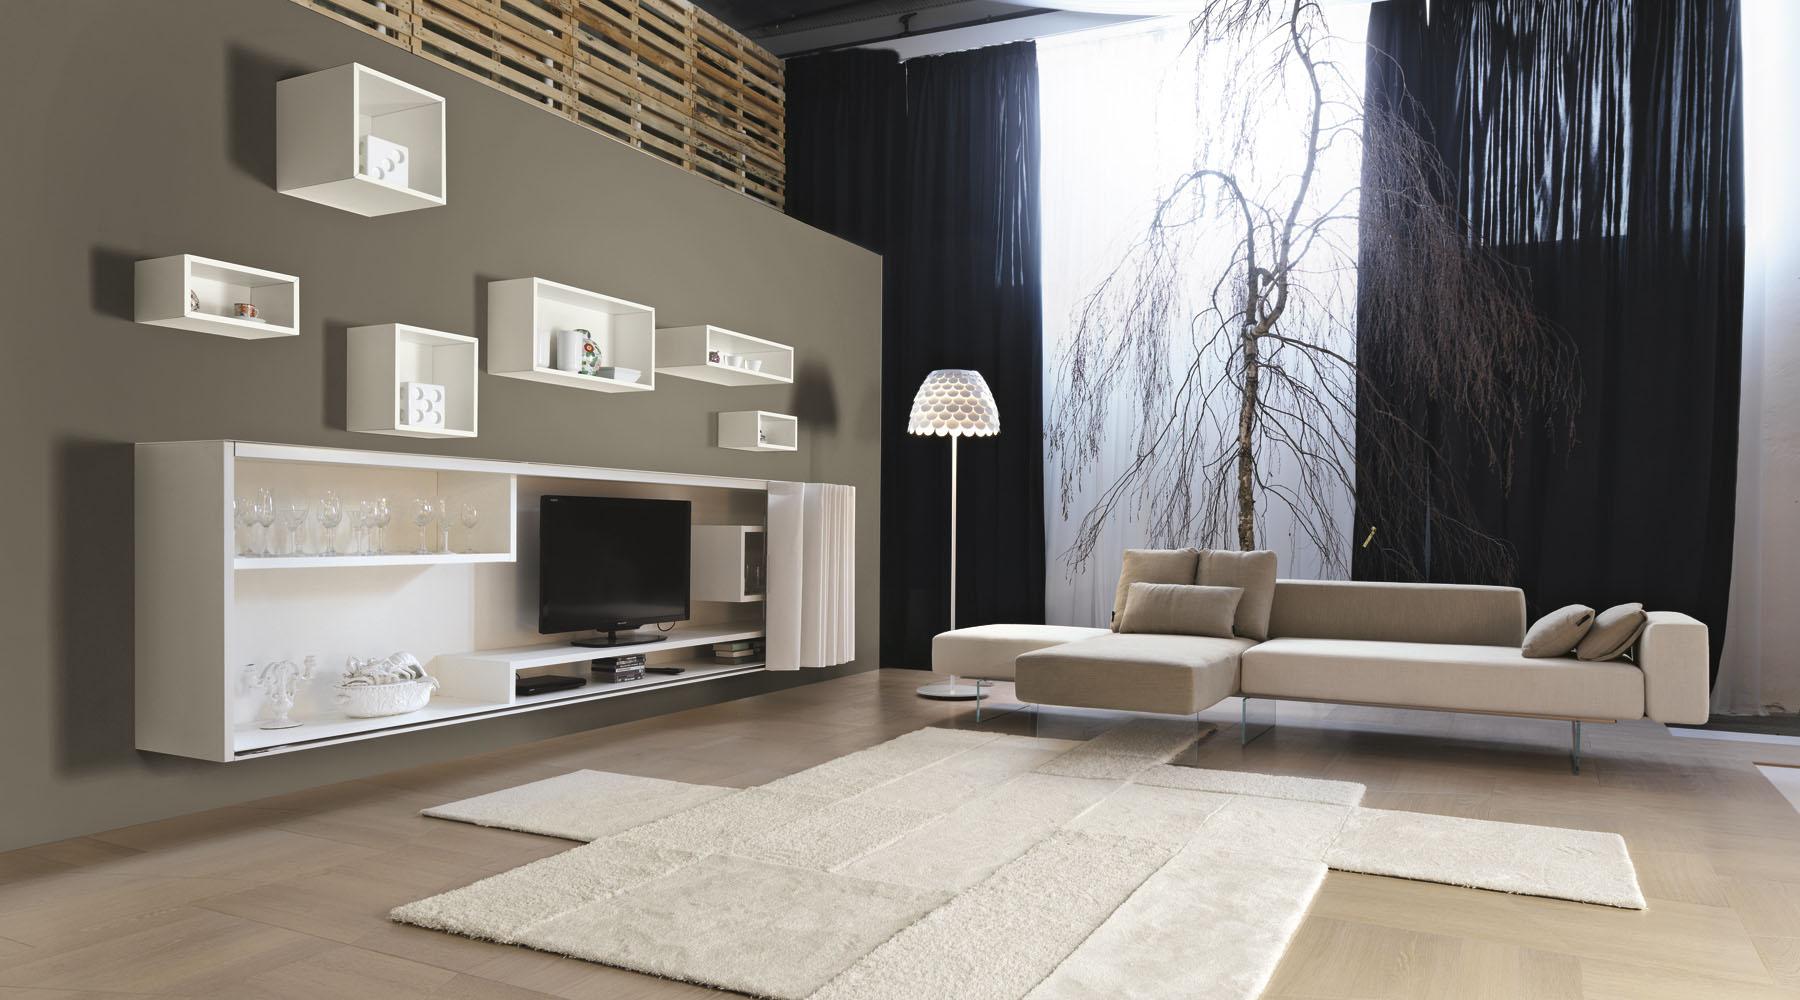 Soggiorno-di-design-Lago-armadio-con-anta-a-scomparsa-e-divano-sospeso